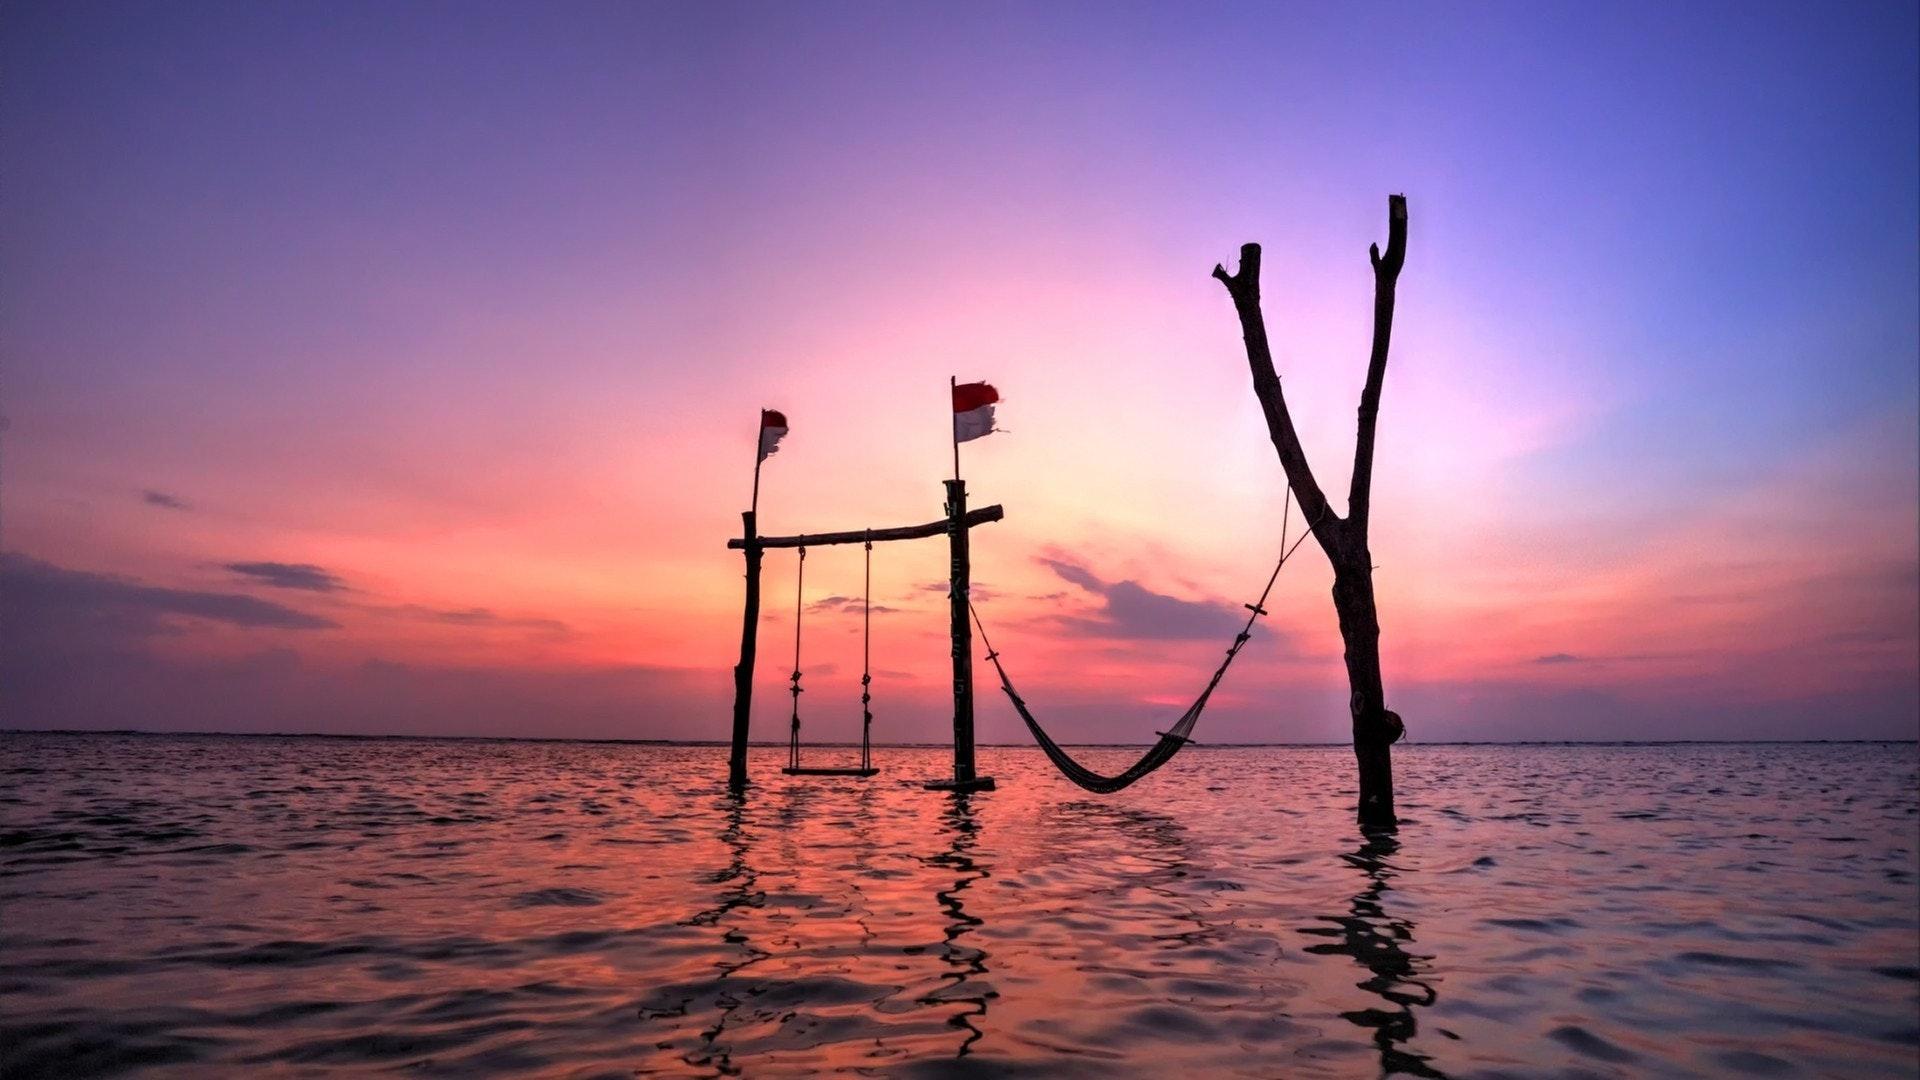 Coucher de soleil sur l'île Gili Trawangan, Lombok, Indonésie..